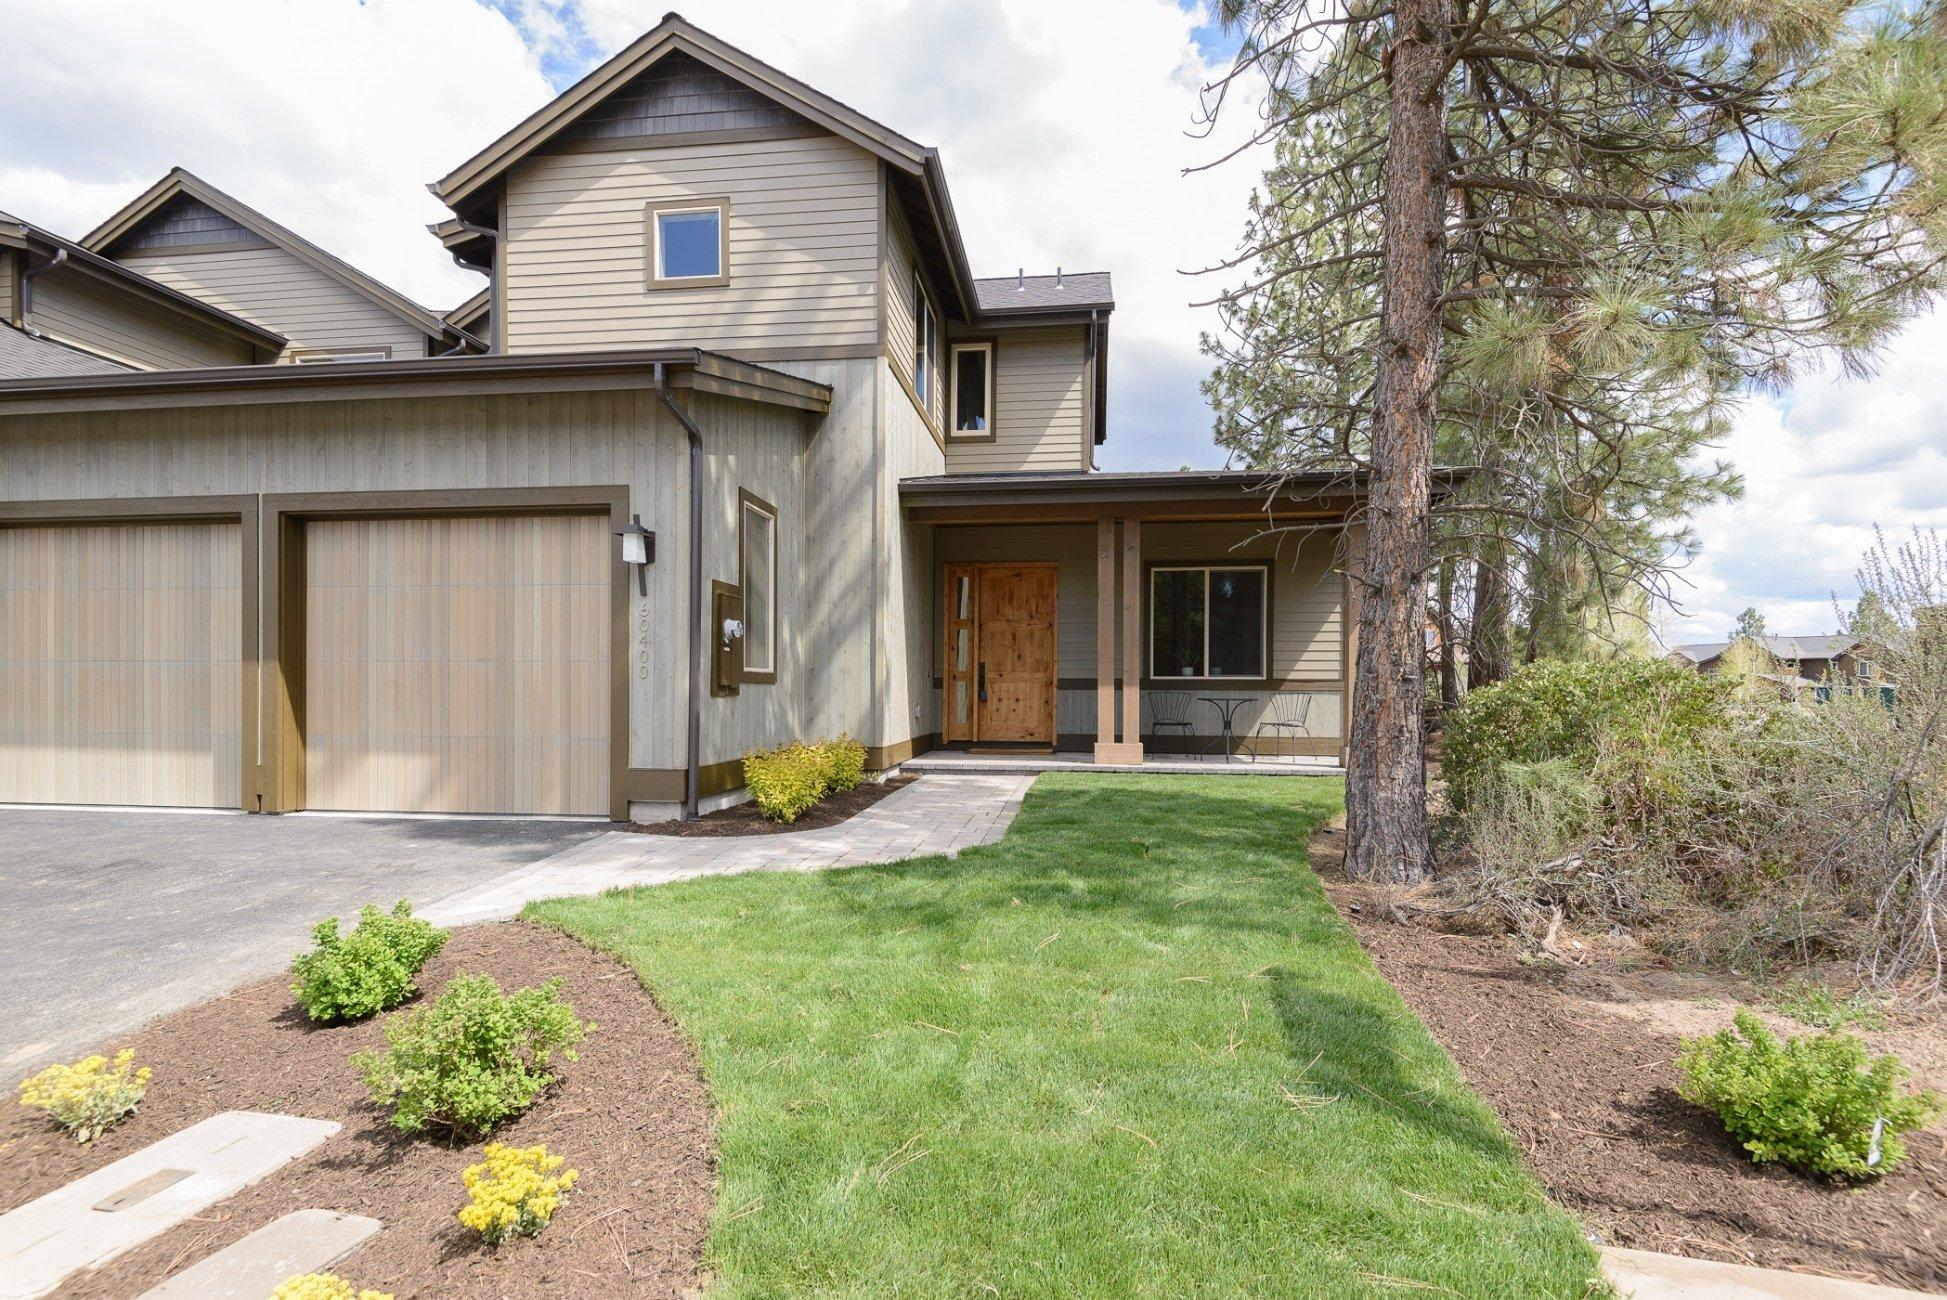 Casa a Bend, Oregon, Stati Uniti 1 - 11451408